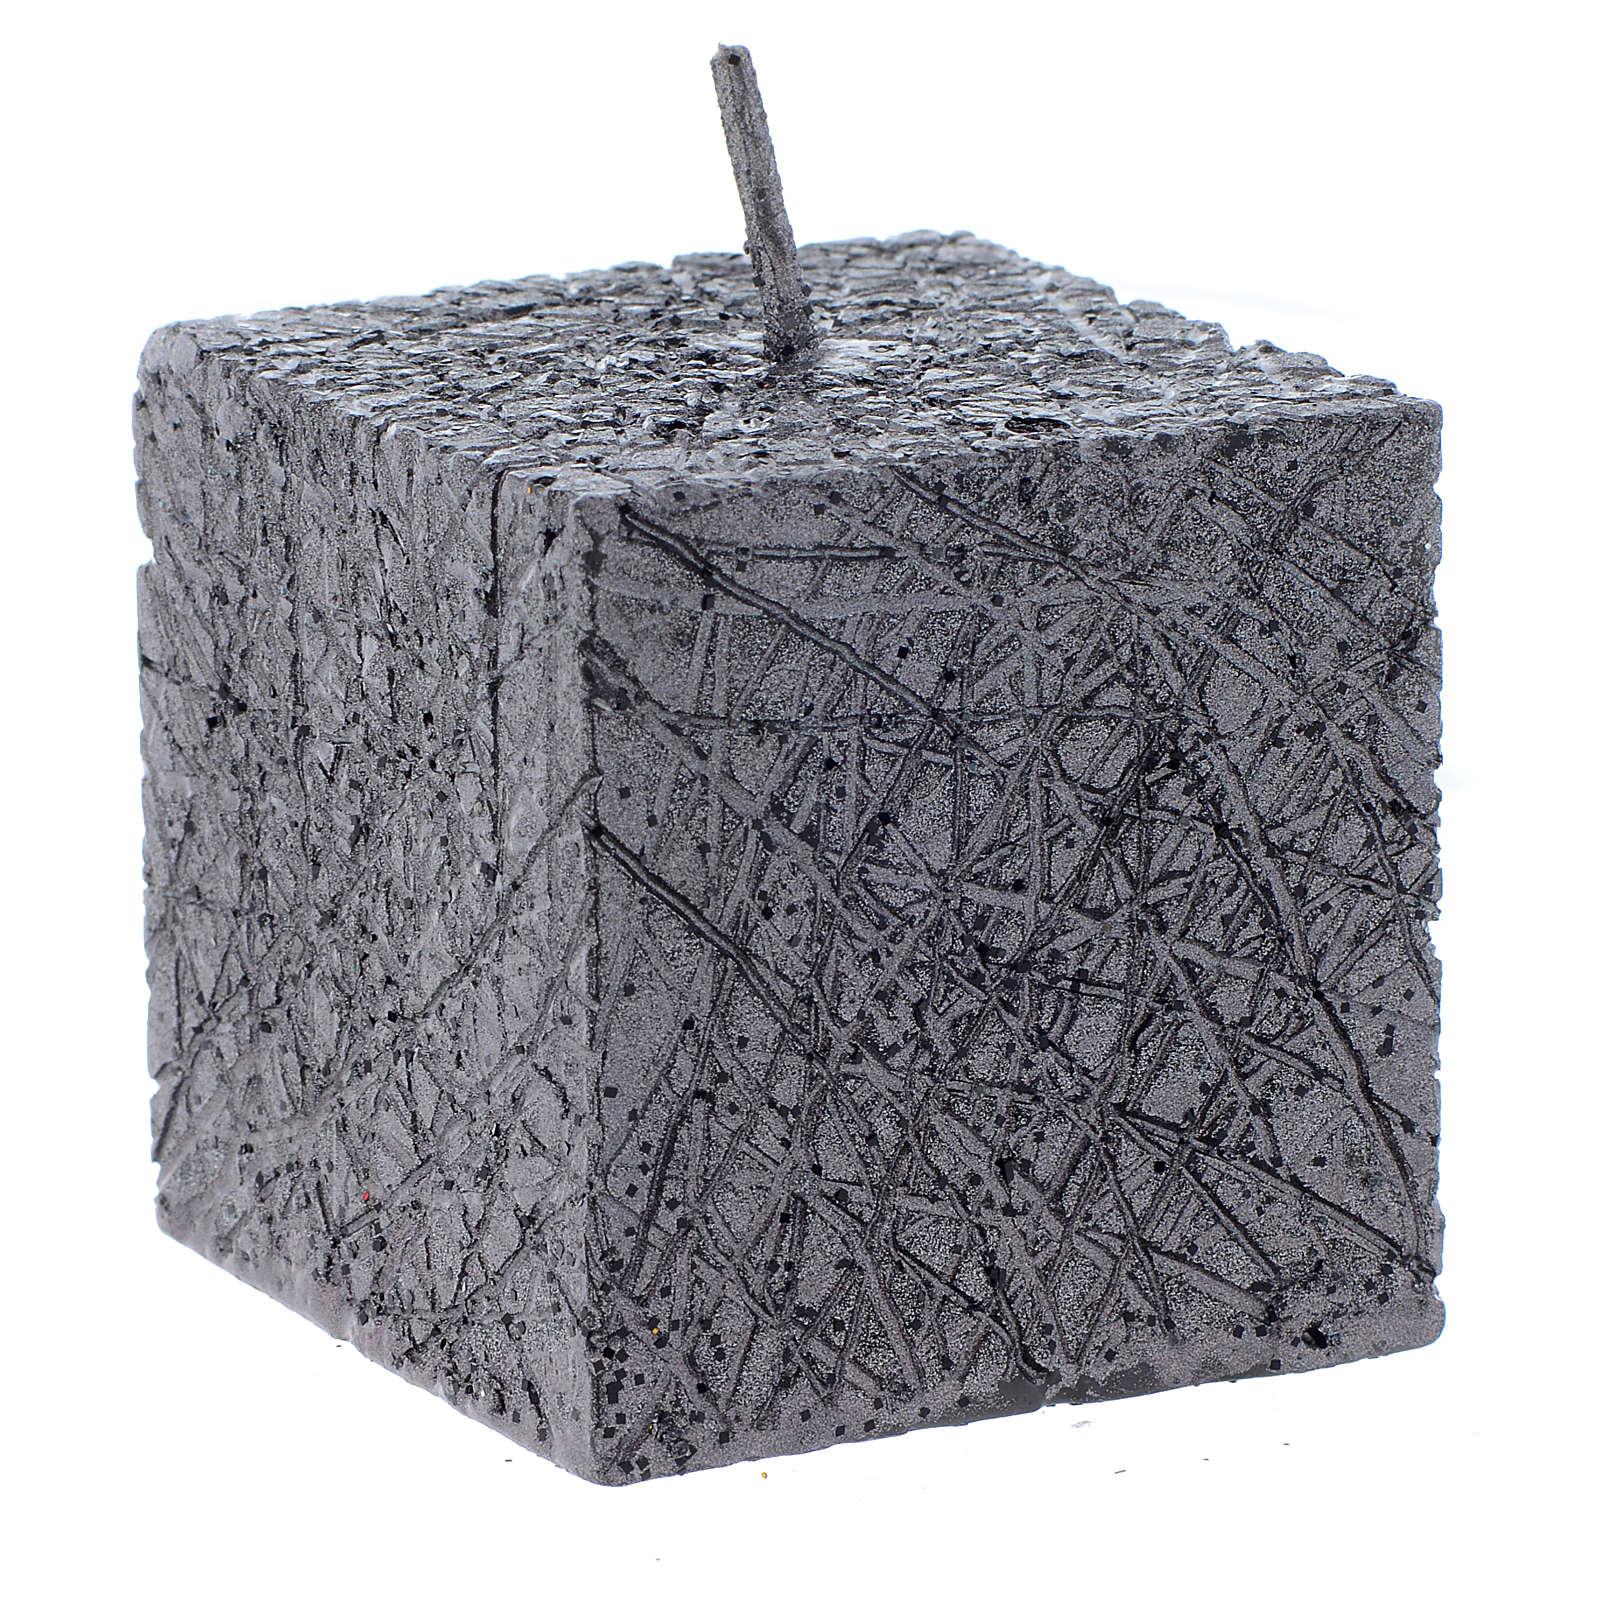 Bougie de Noël Comet cube 5x5 cm anthracite 3